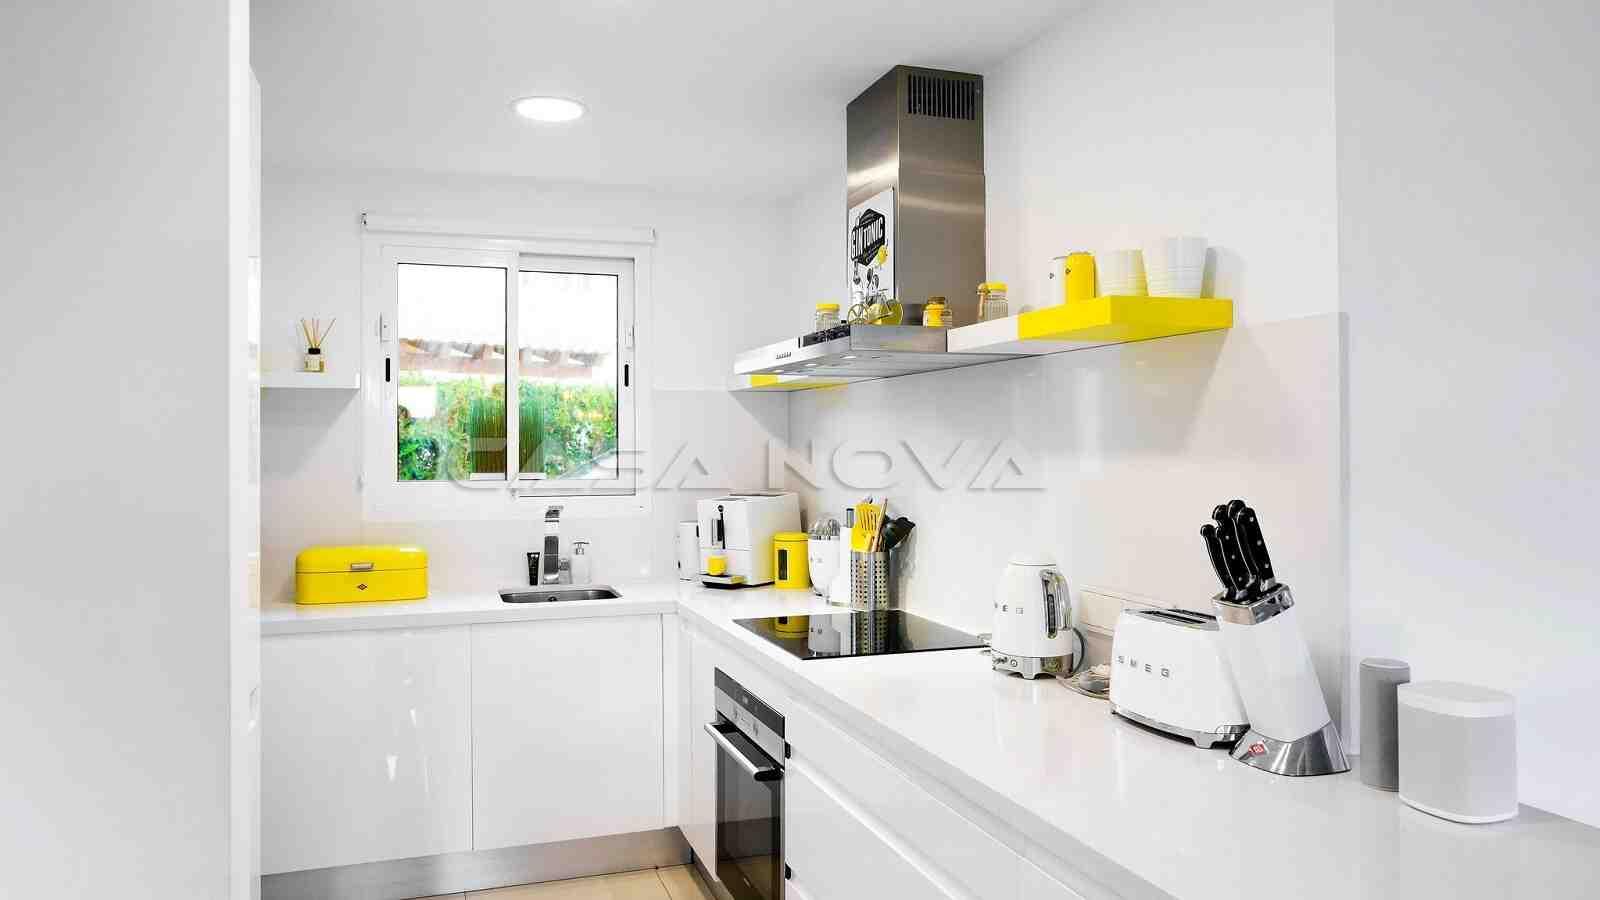 Ref. 2303031 - Vollausgestattete Einbauküche mit Elektrogeräten